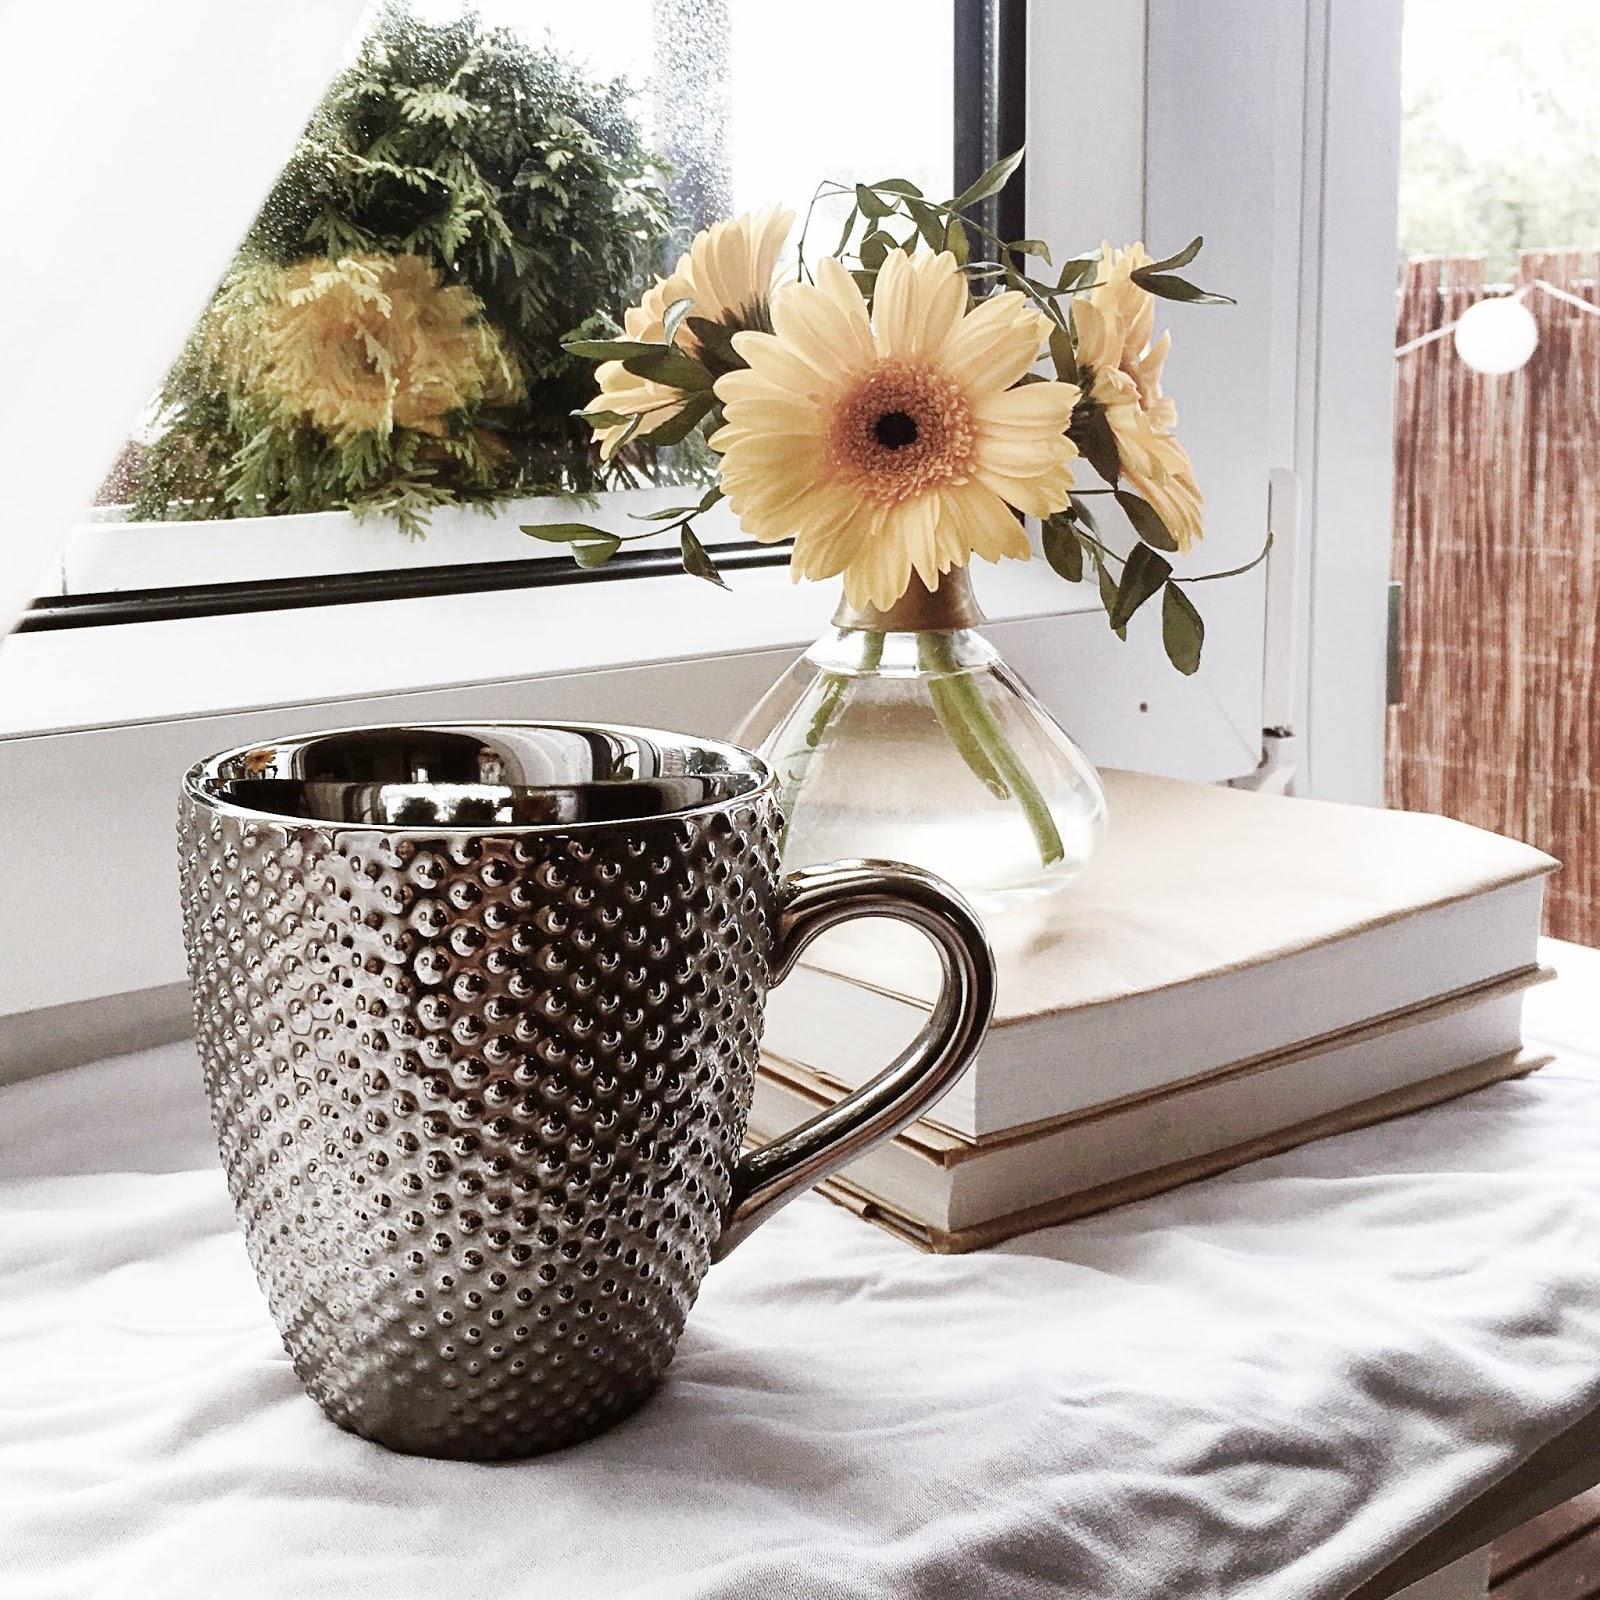 srebrny kubek na parapecie na tle żółtych kwiatów